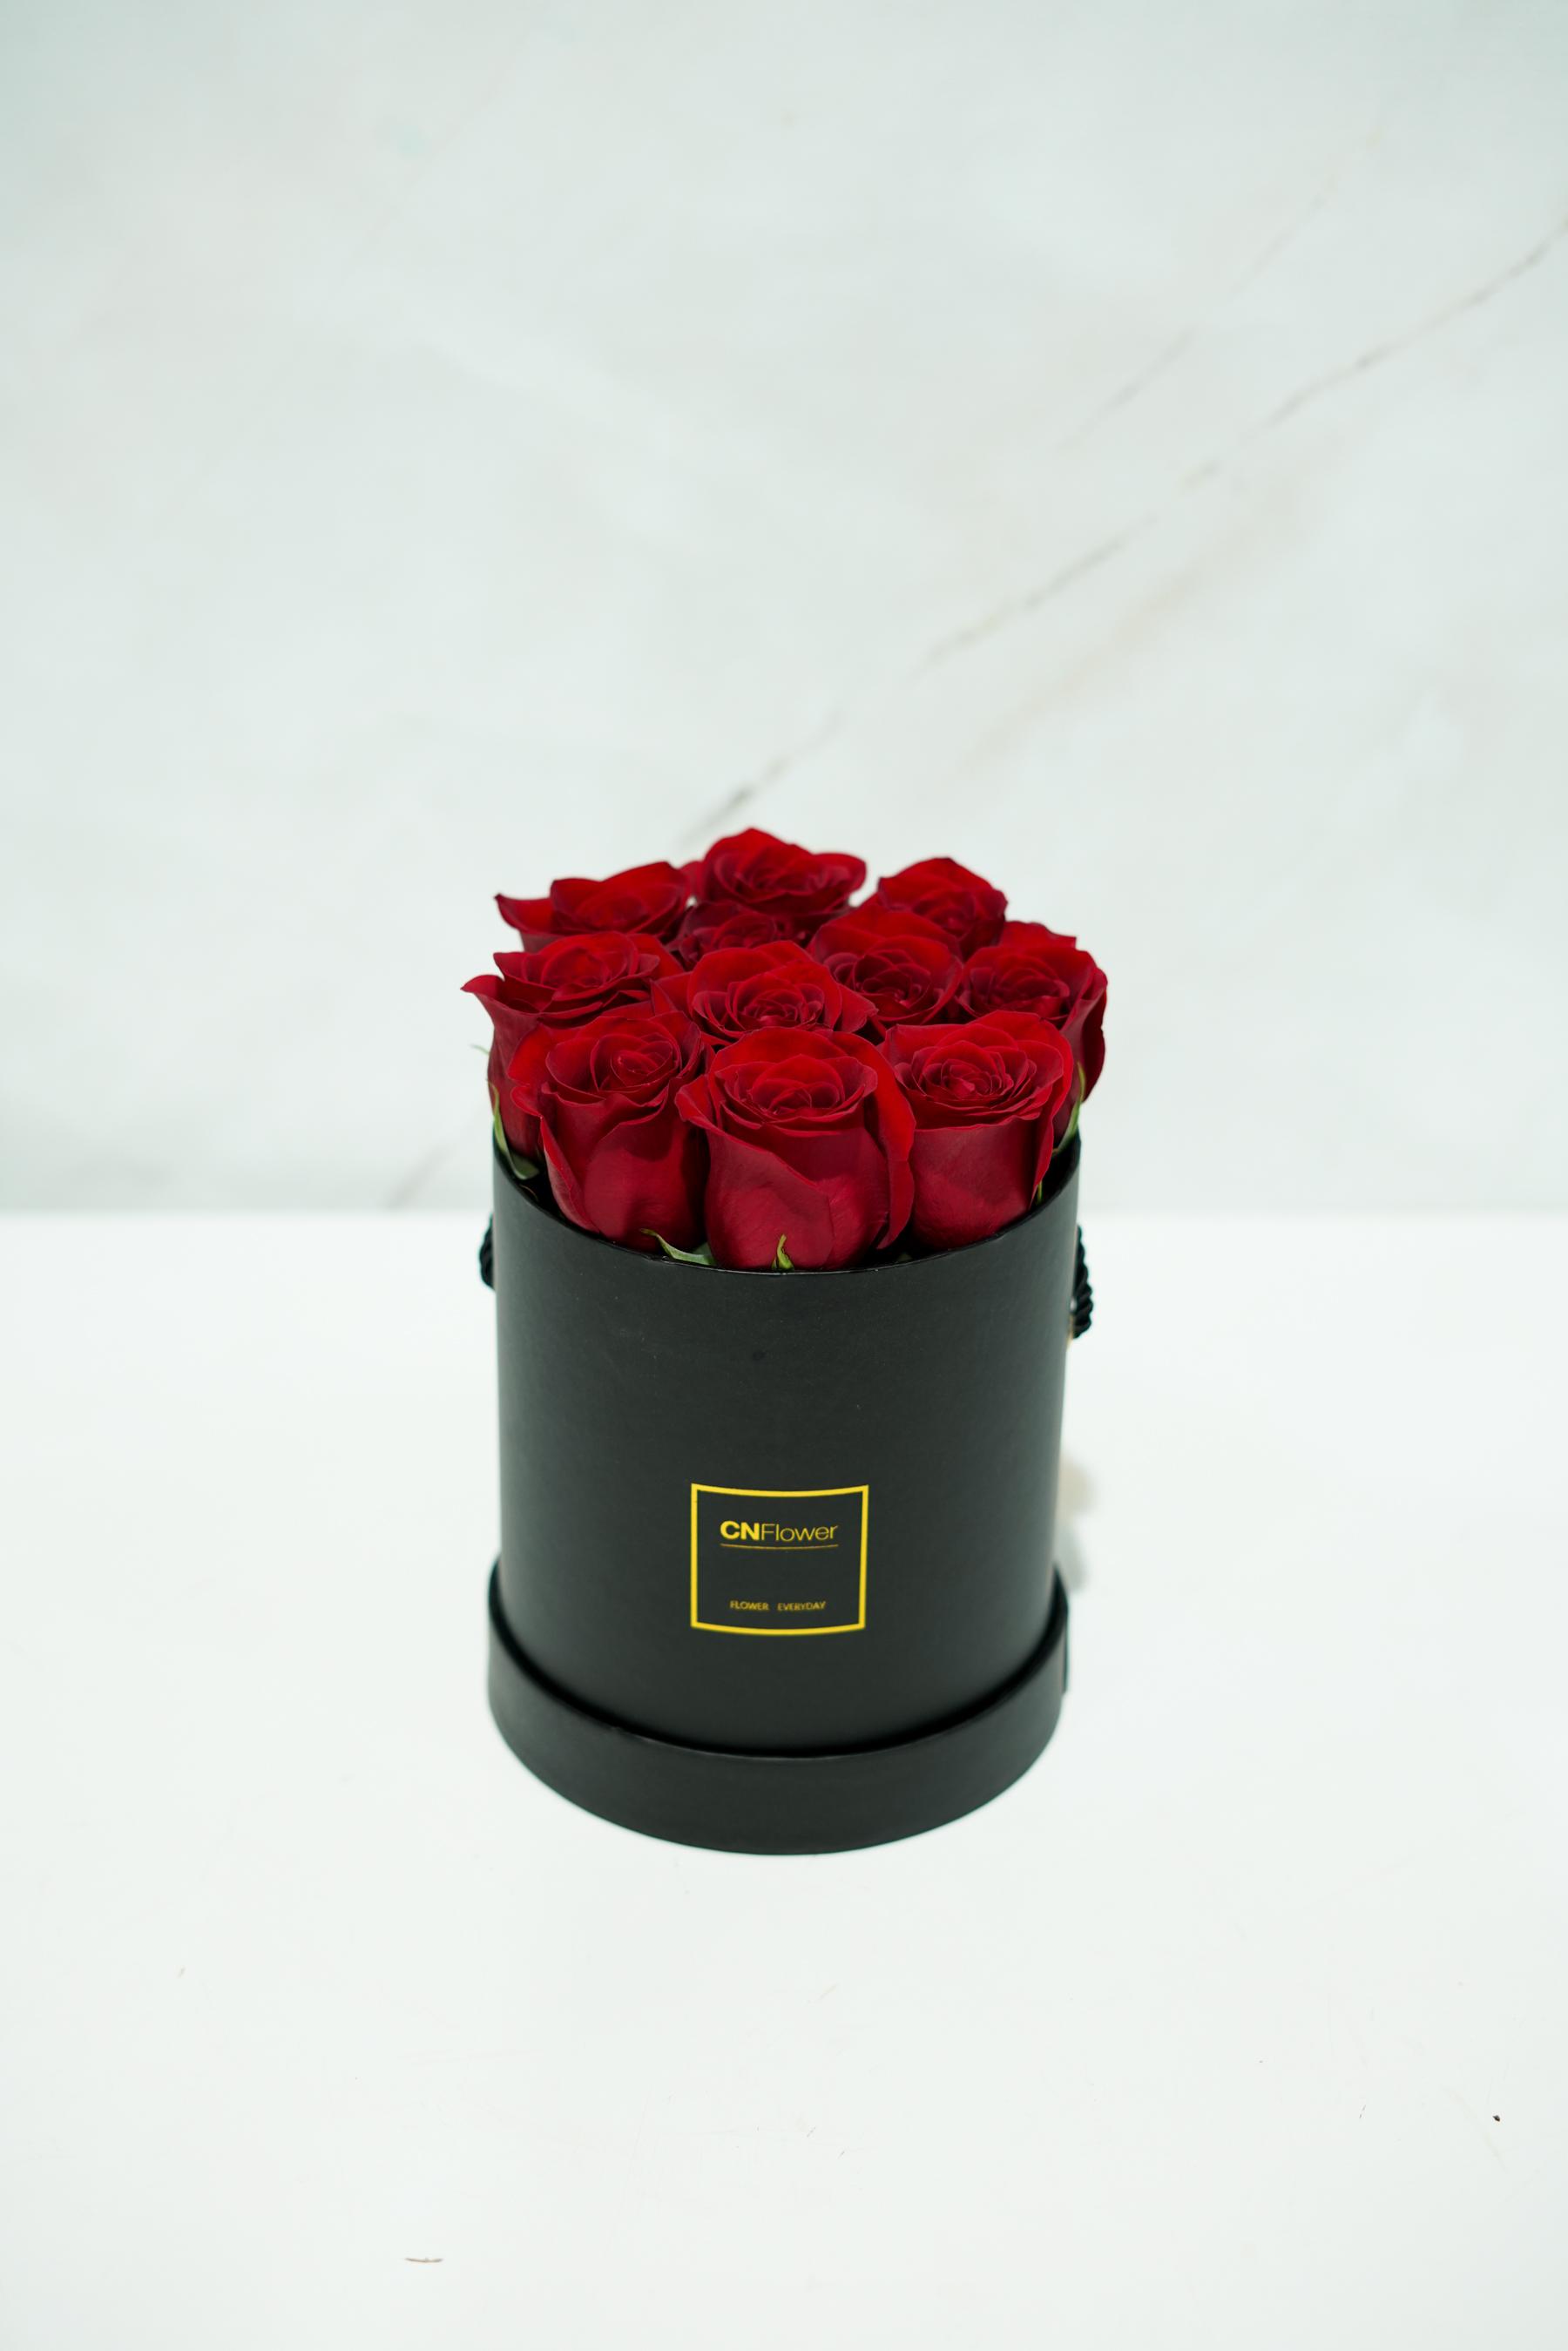 經典浪漫 -黑色金邊筒狀 鮮花禮盒(紅)